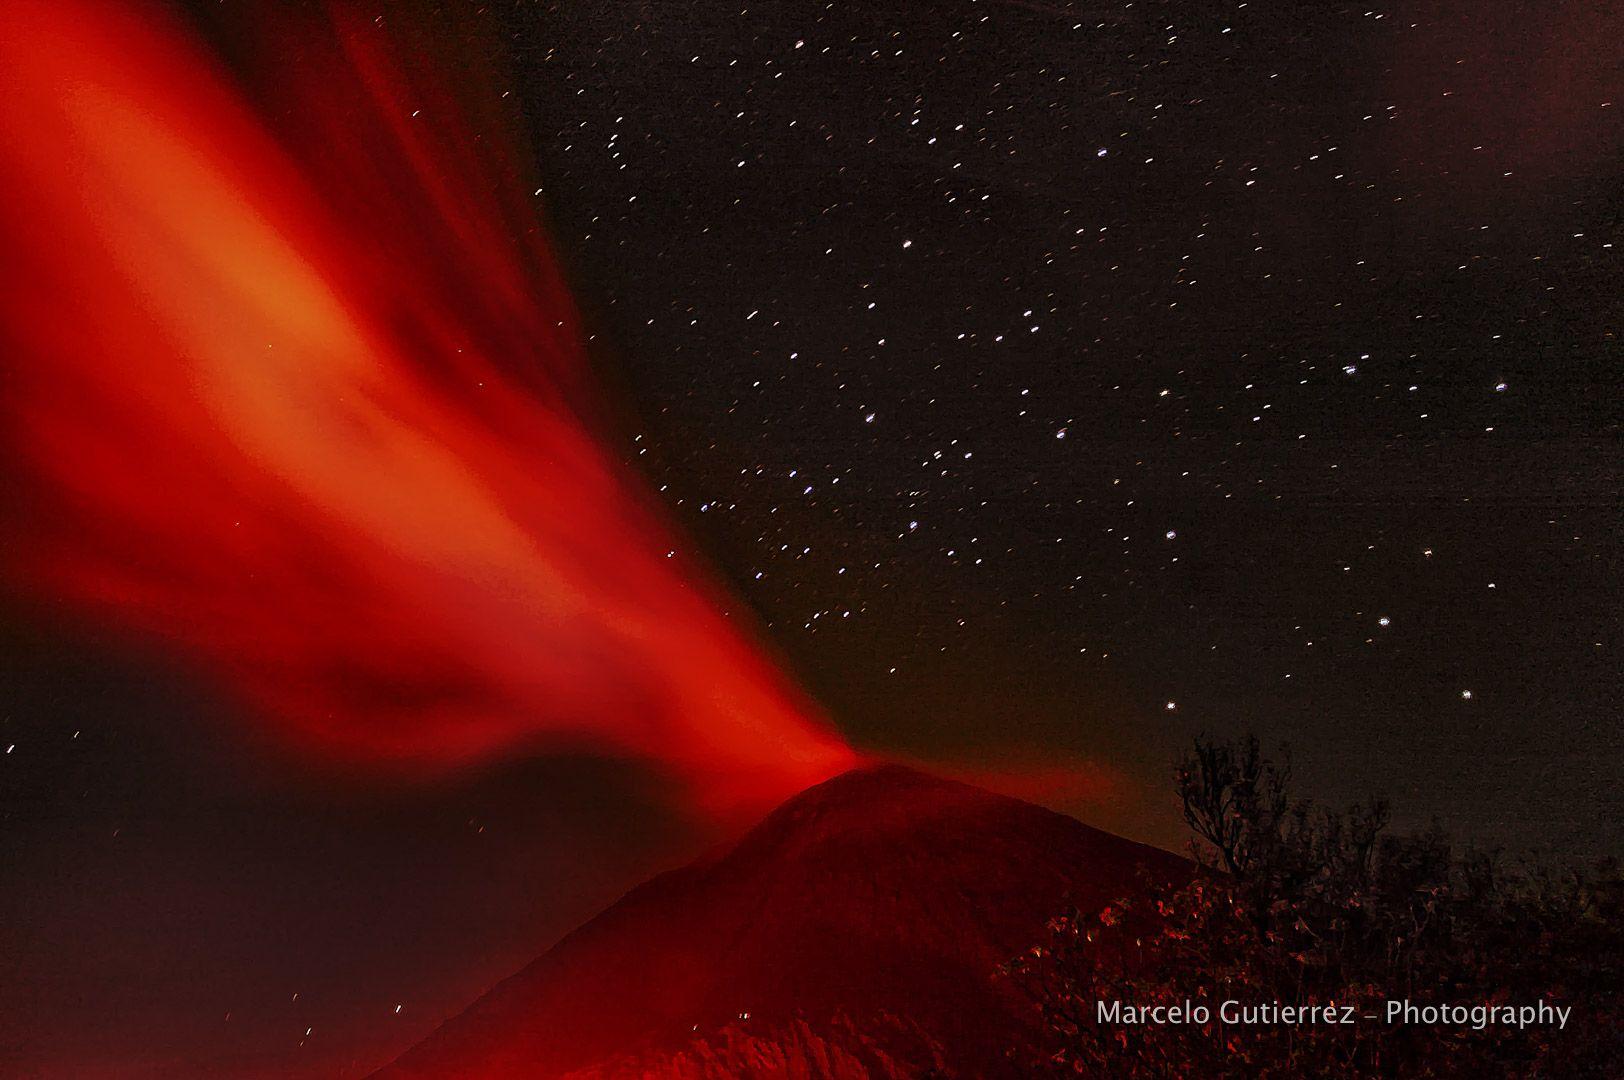 Volcán Pacaya: CURSO DE FOTOGRAFÍA PAISAJÍSTICA